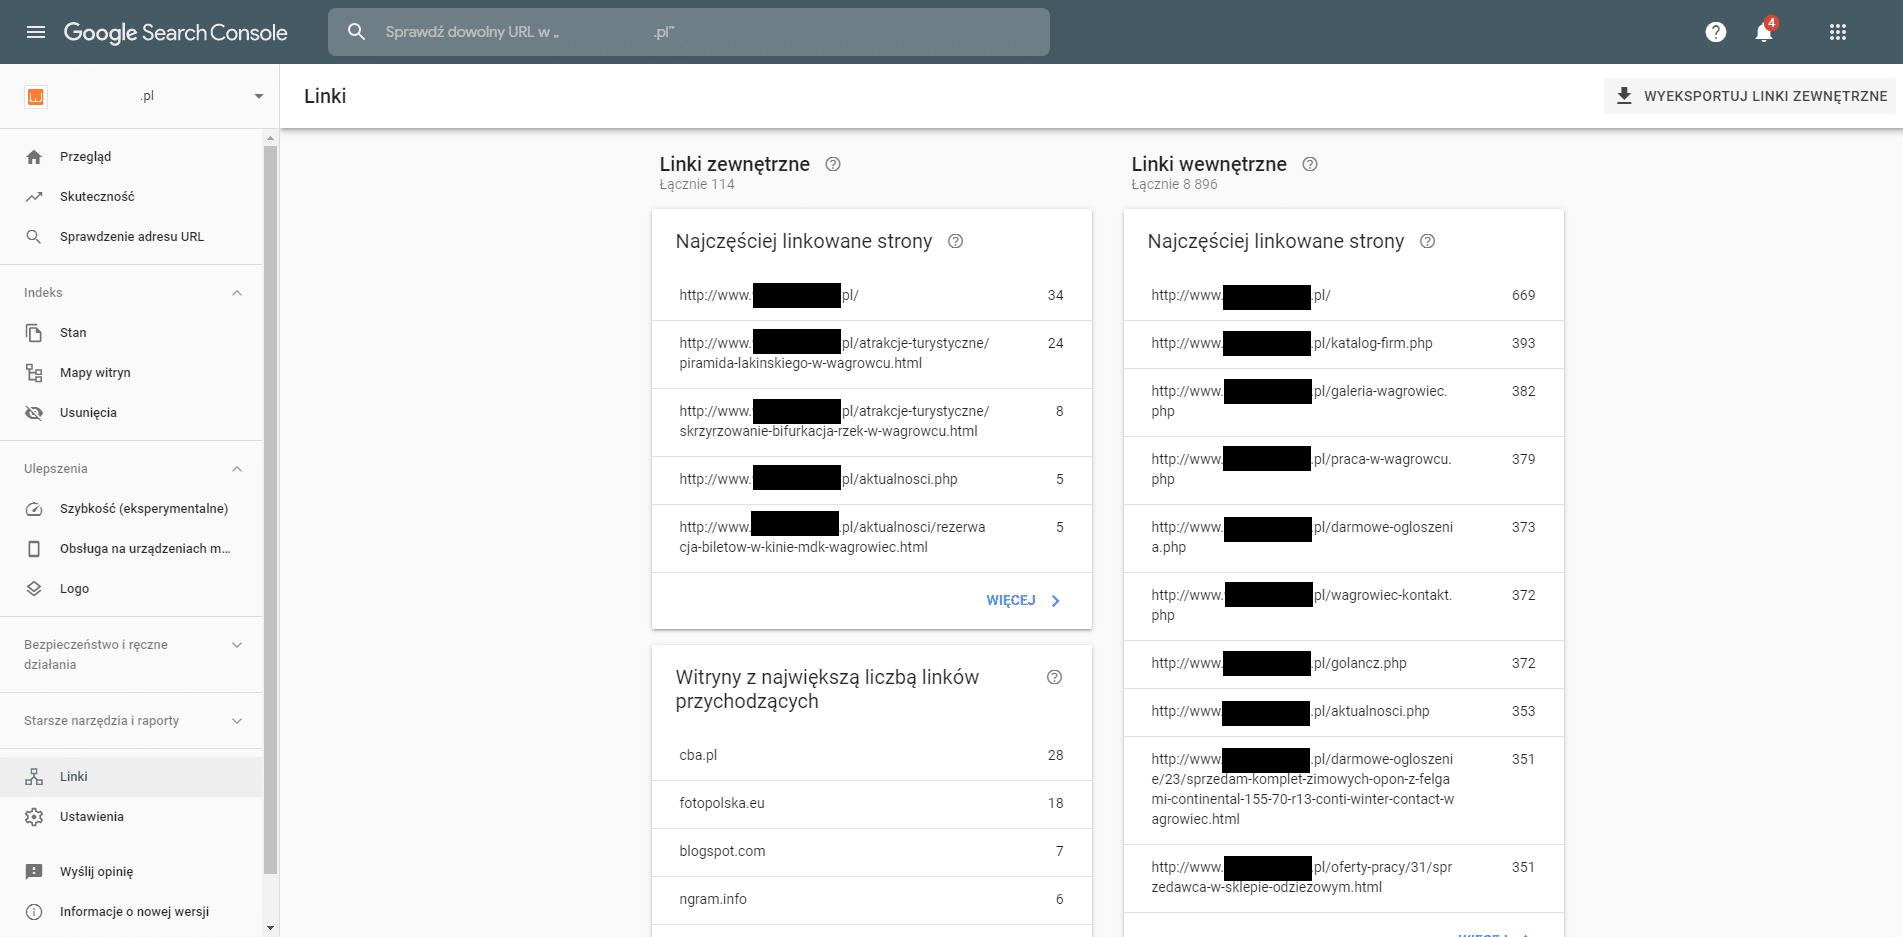 Sprawdzanie linków - Google Search Console